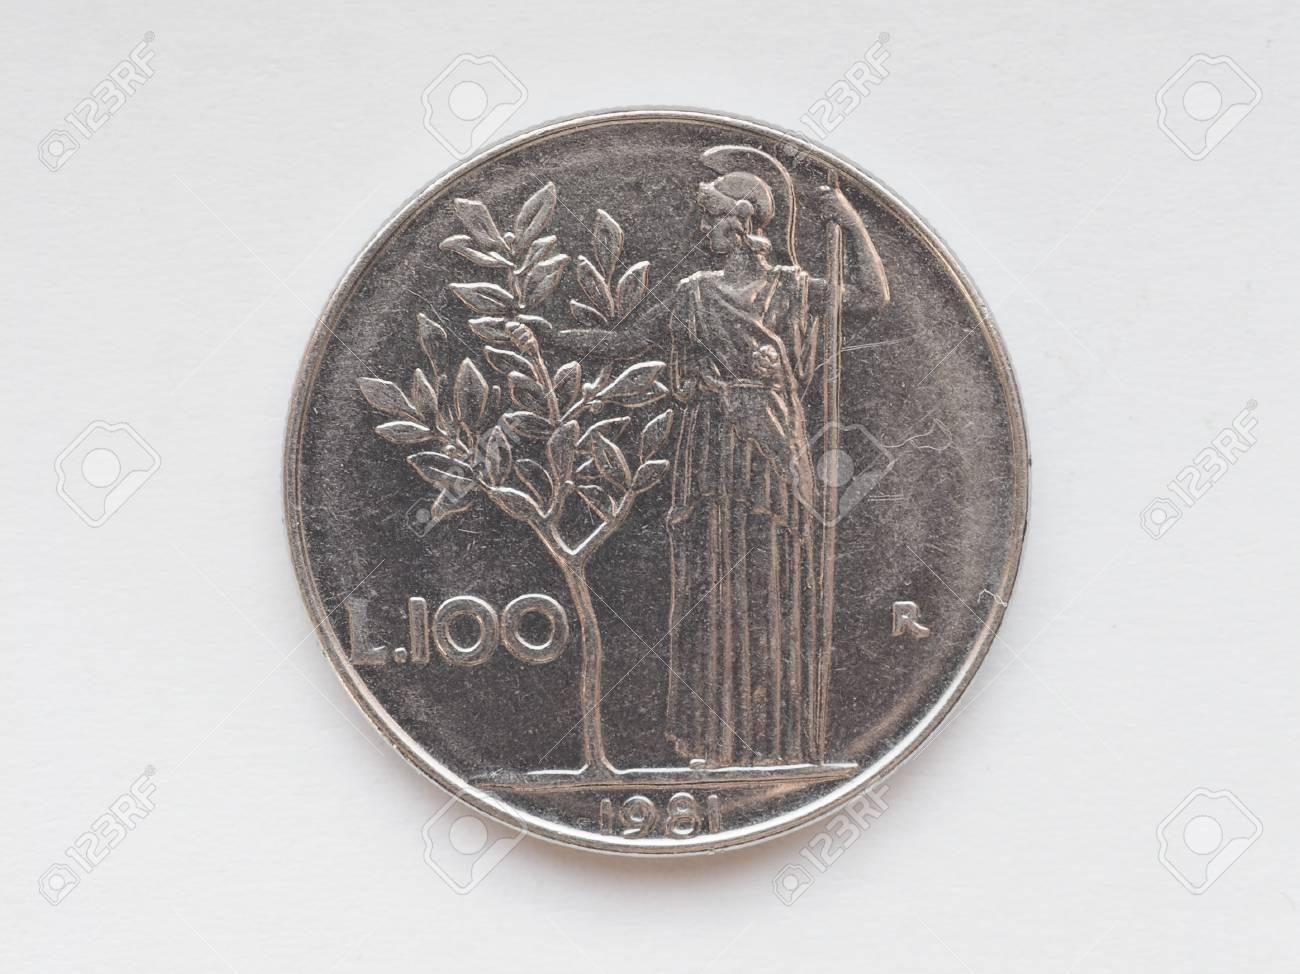 Alte Italienische Lire Münzen Nun Zurückgezogen Und Durch Euro